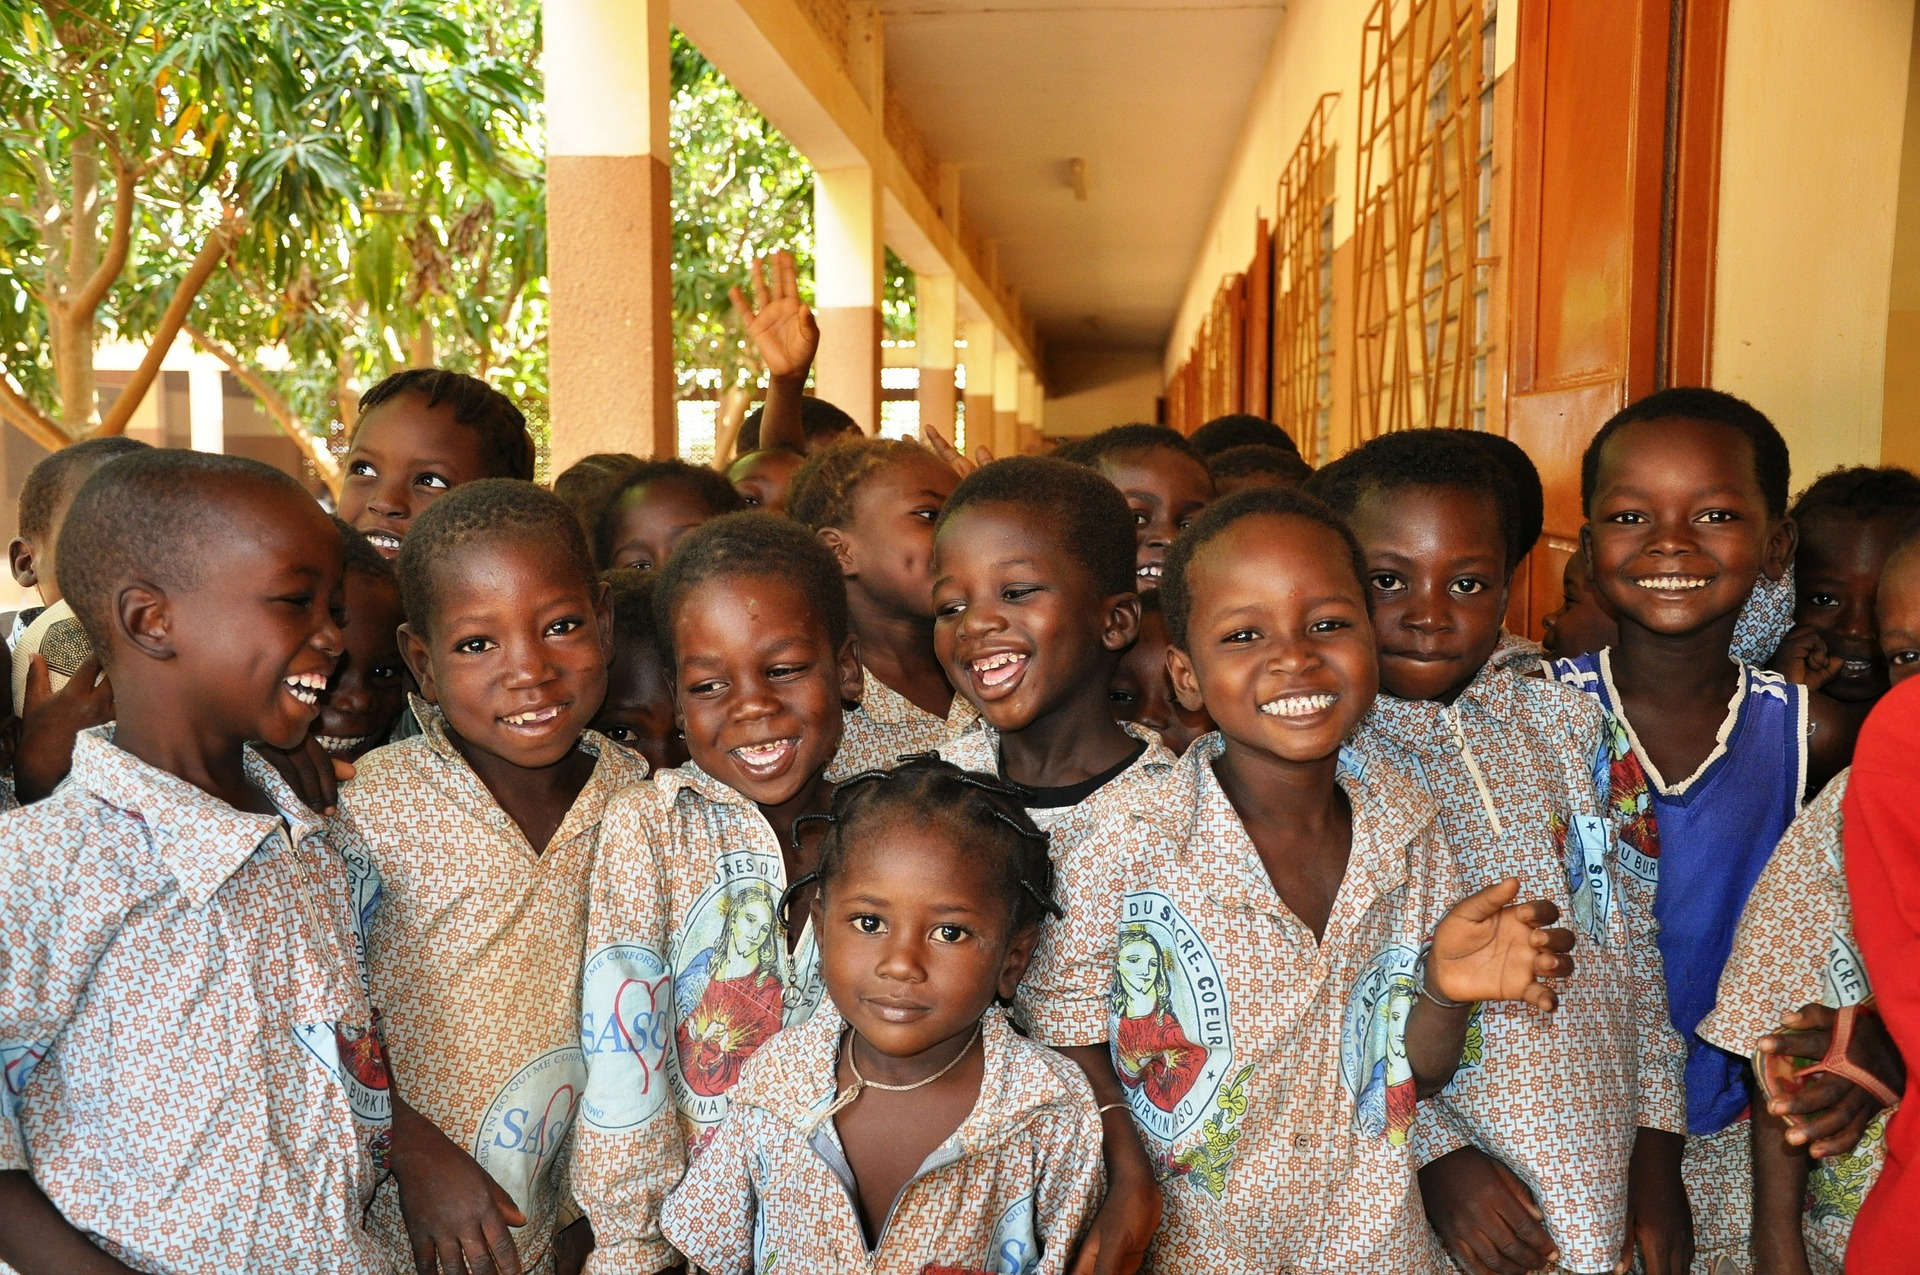 Volontariato internazionale in Uganda in un asilo e scuola elementare